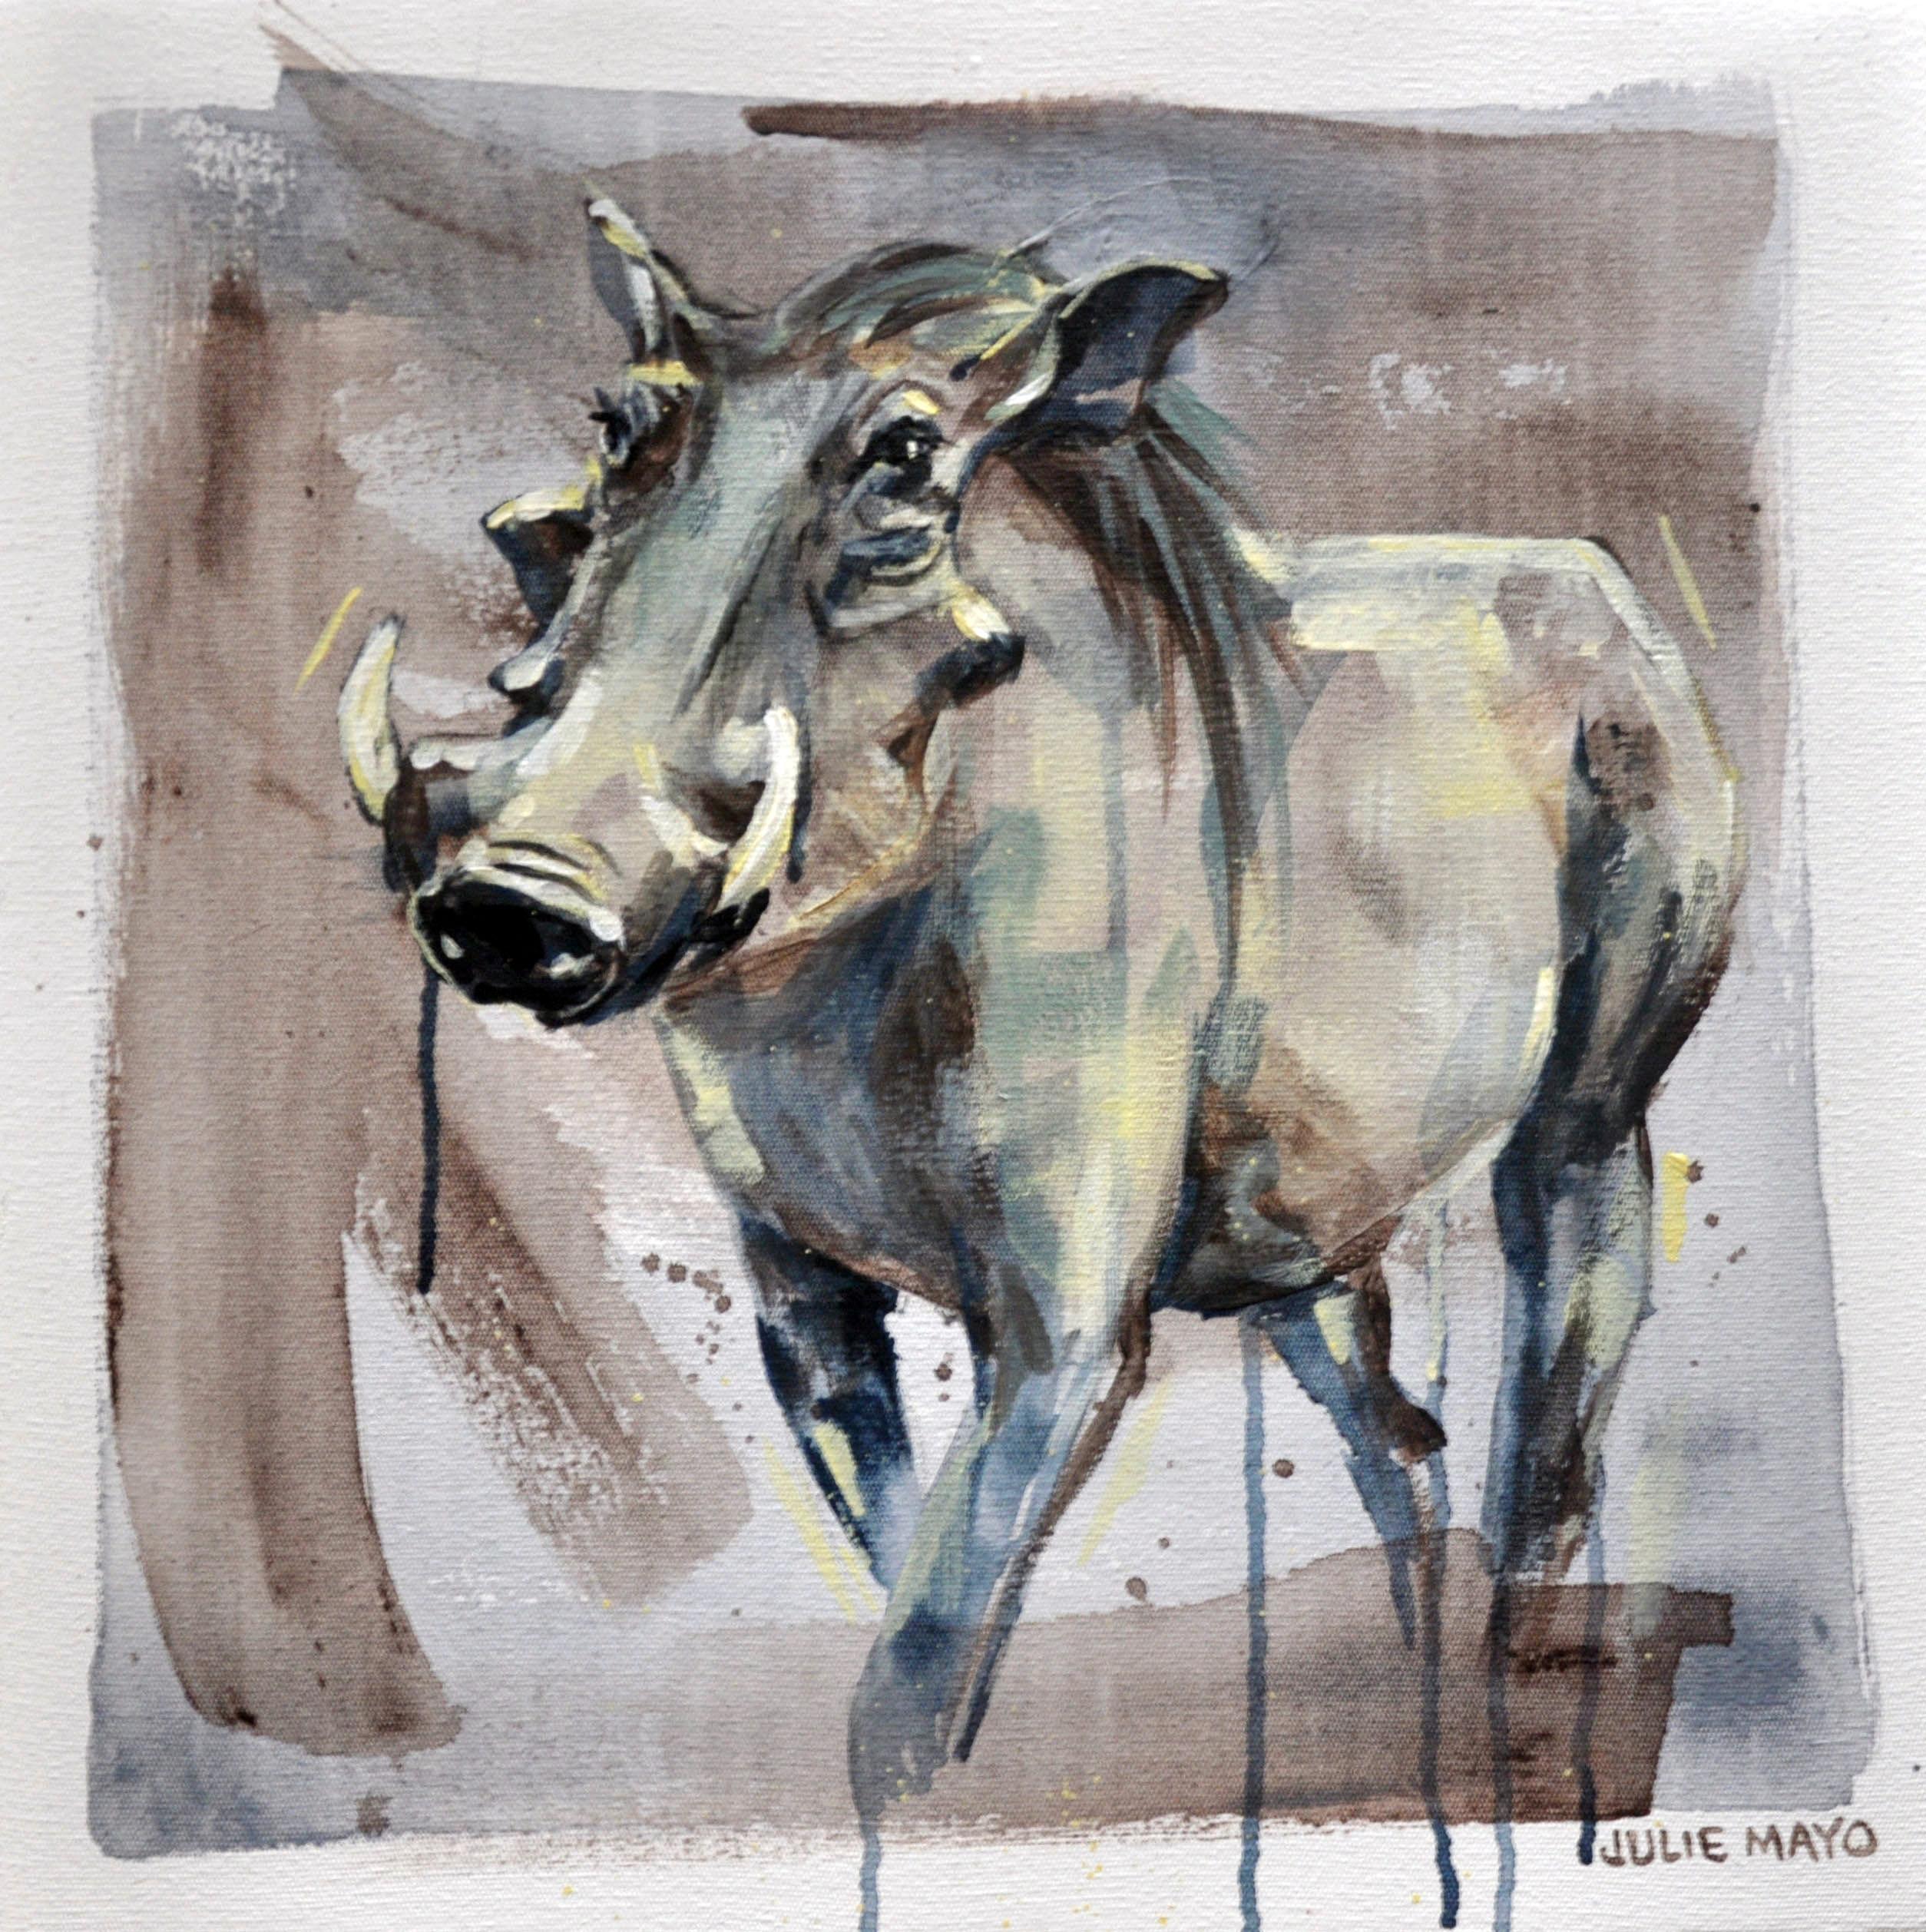 Julie Mayo. Artist